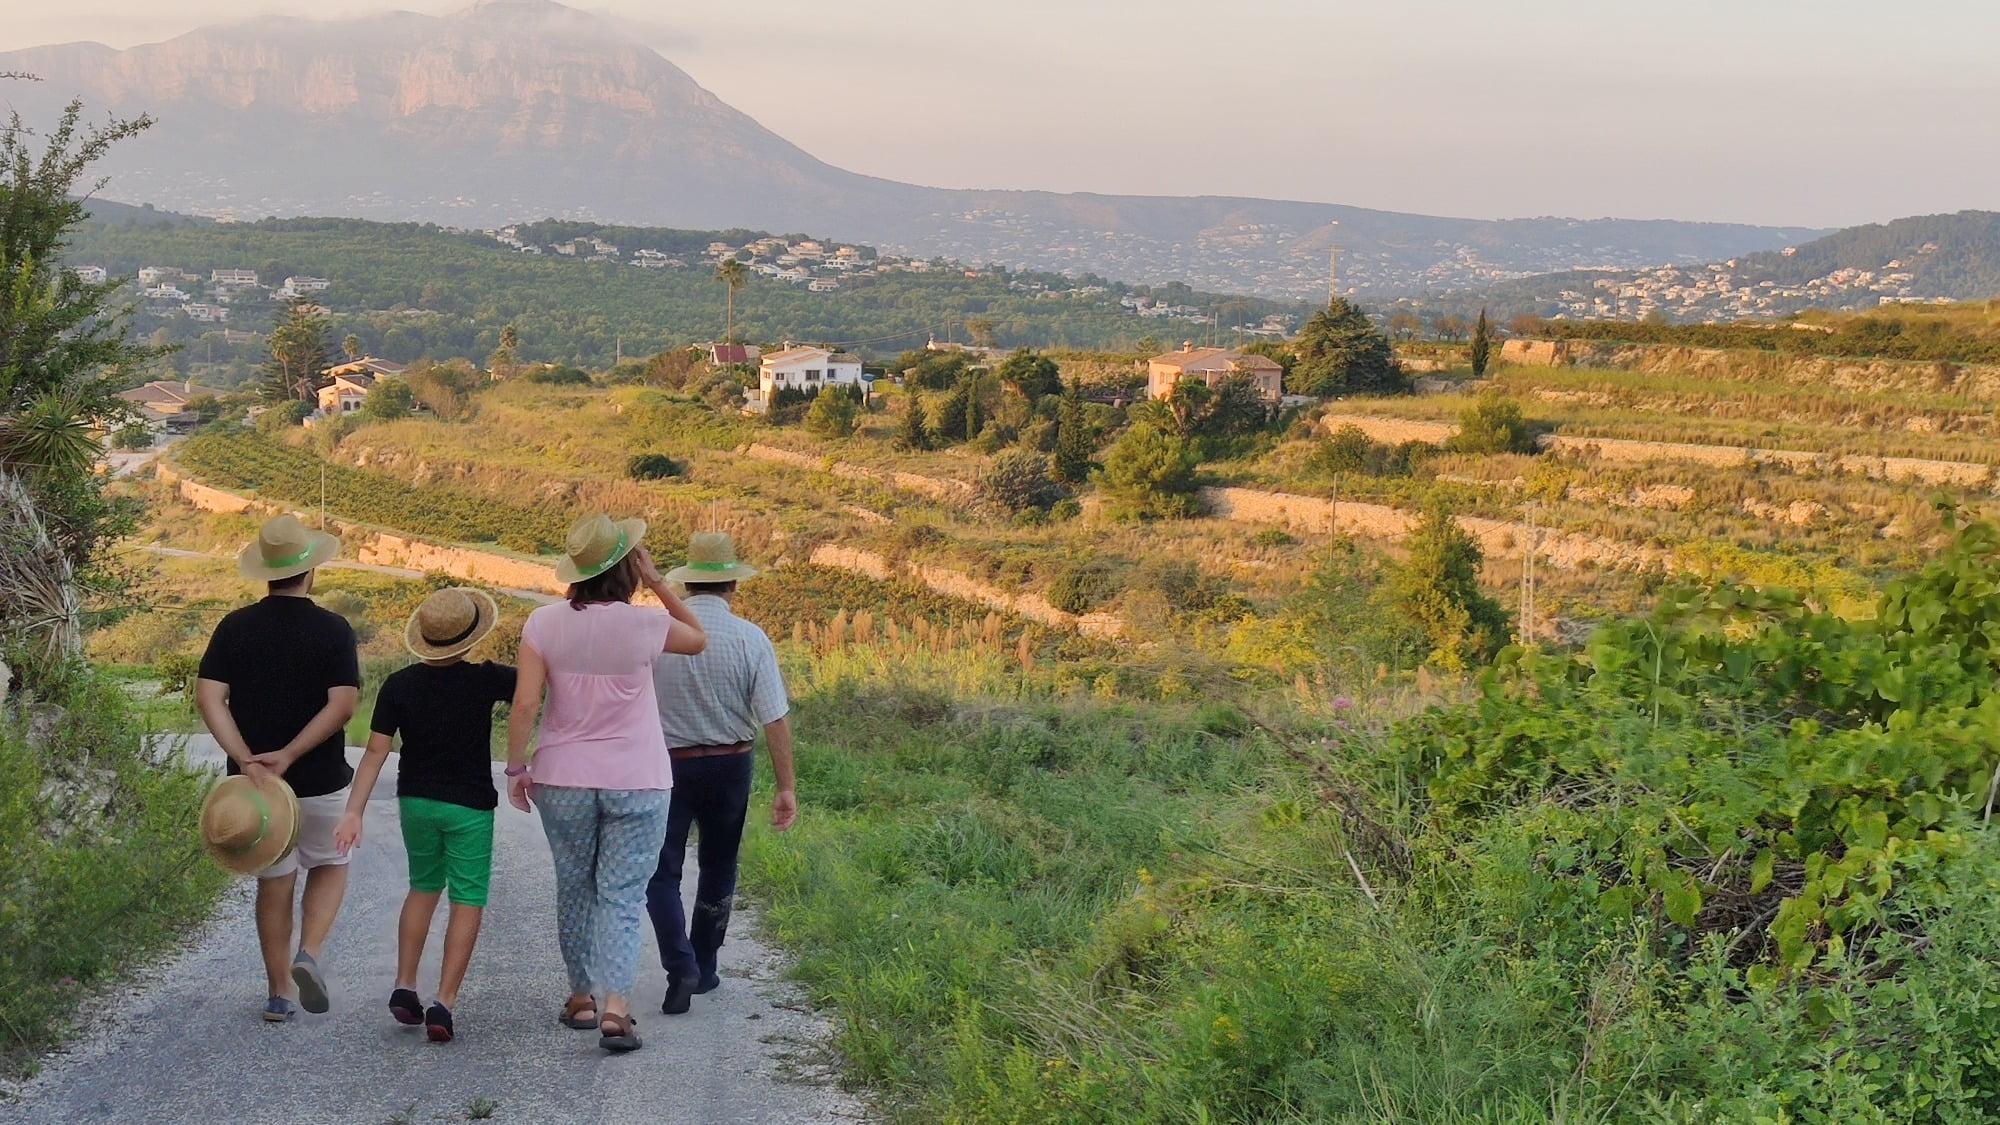 Rutas turísticas de El Poble Nou de Benitatxell